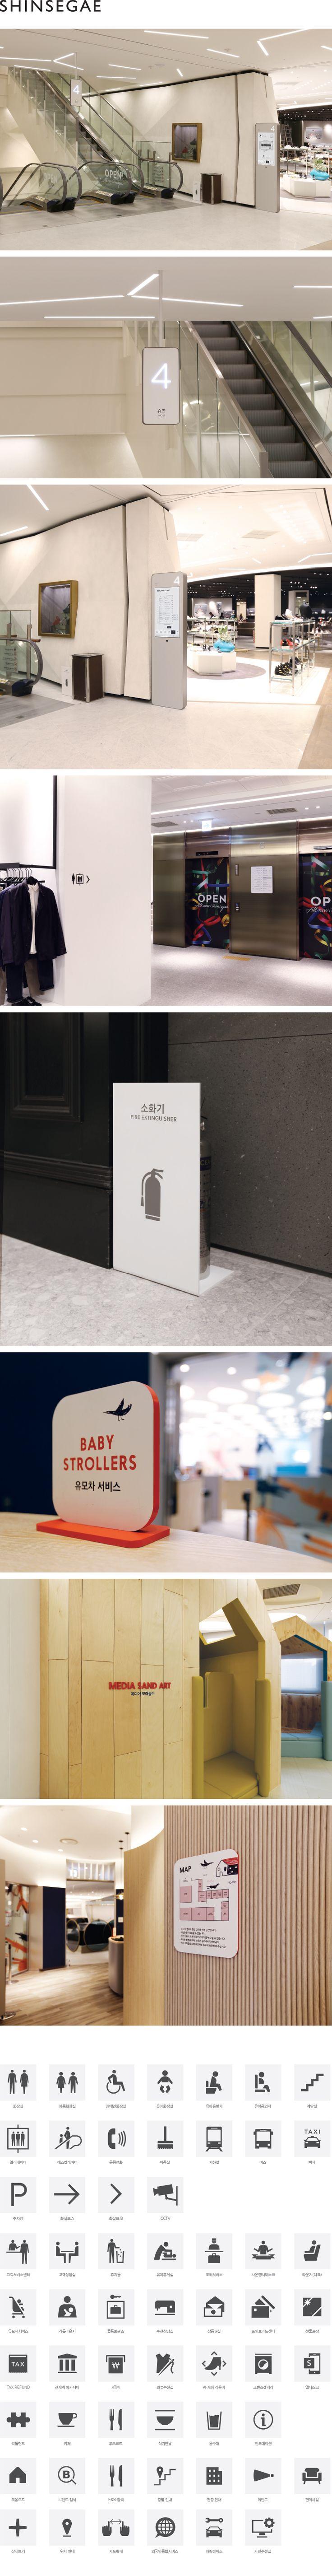 SHINSEGAE Signage   Client : SHINSEGAE http://atelierdesign.kr